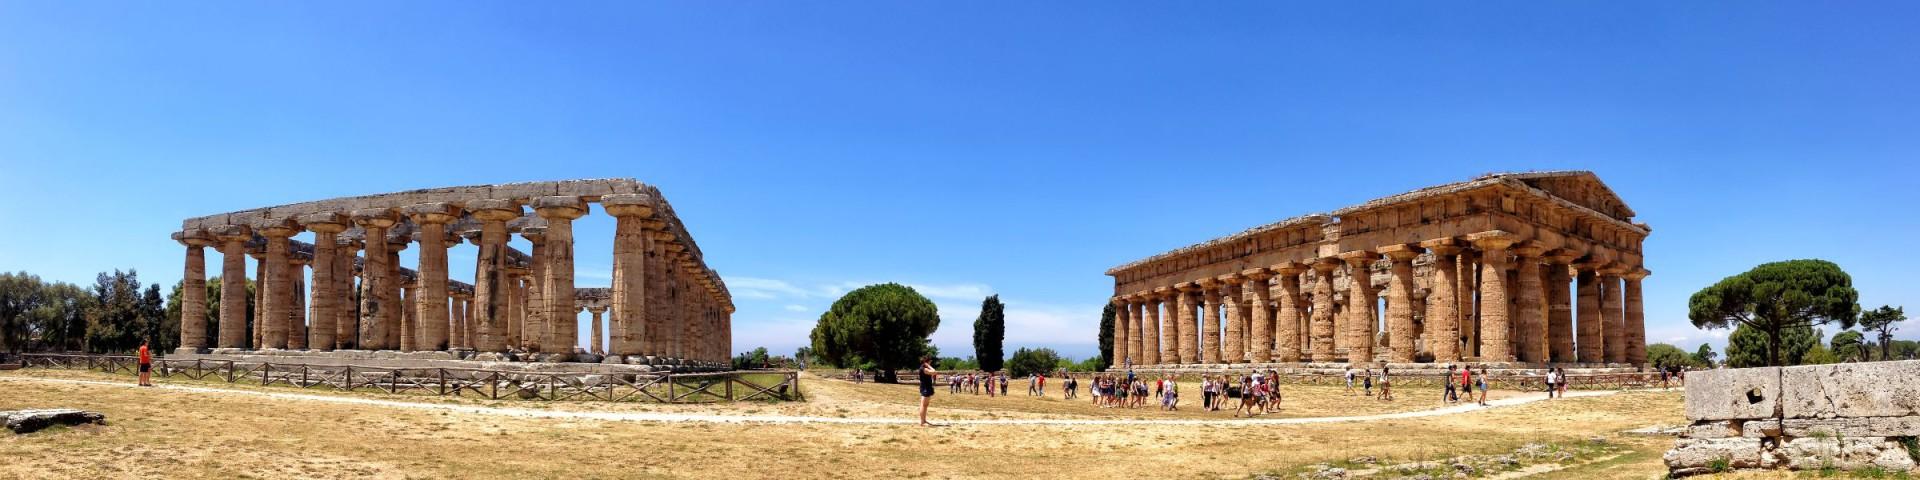 Paestum, ruiny chrámů Neptuna (Nettuno) a Héry (Hera)